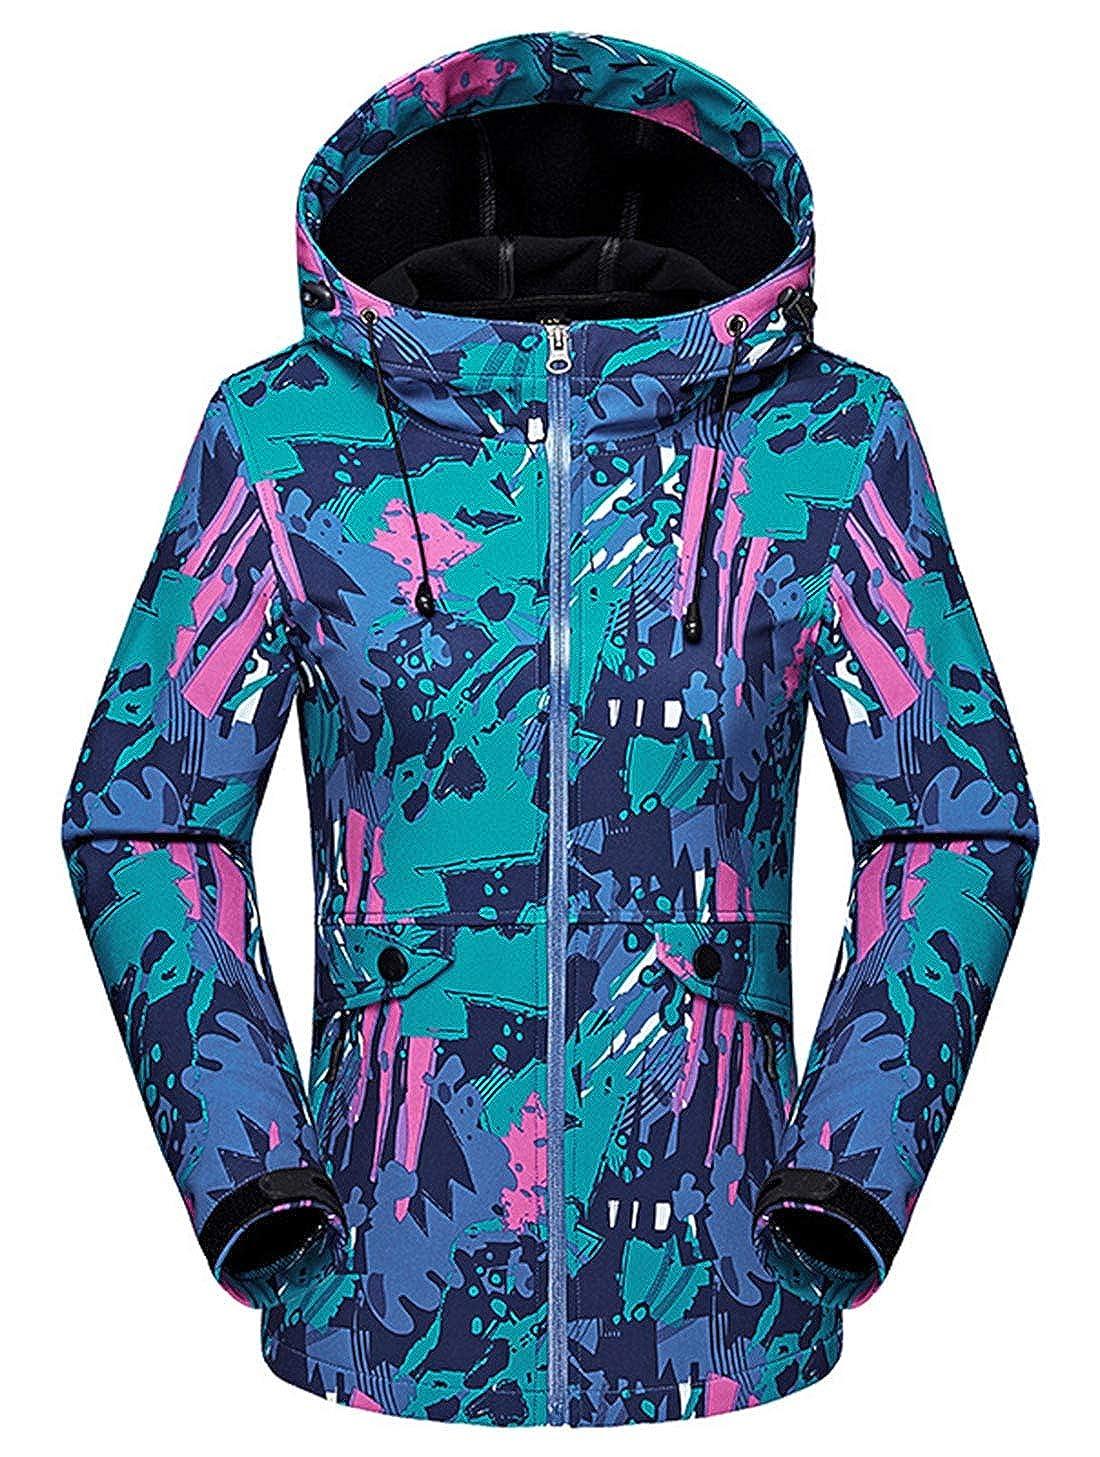 AIEOE Women's Hooded Windbreaker Sportswear Jacket Windproof Waterproof